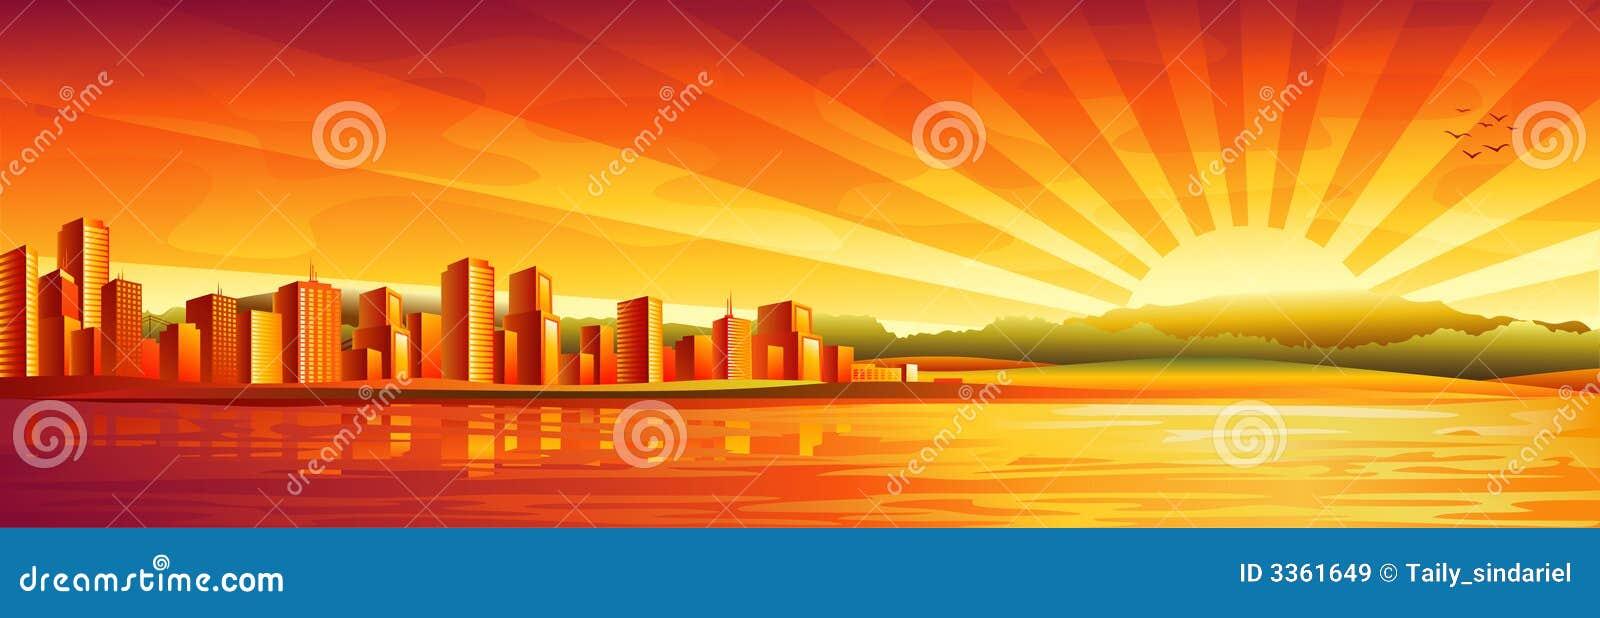 Big city sunset panorama